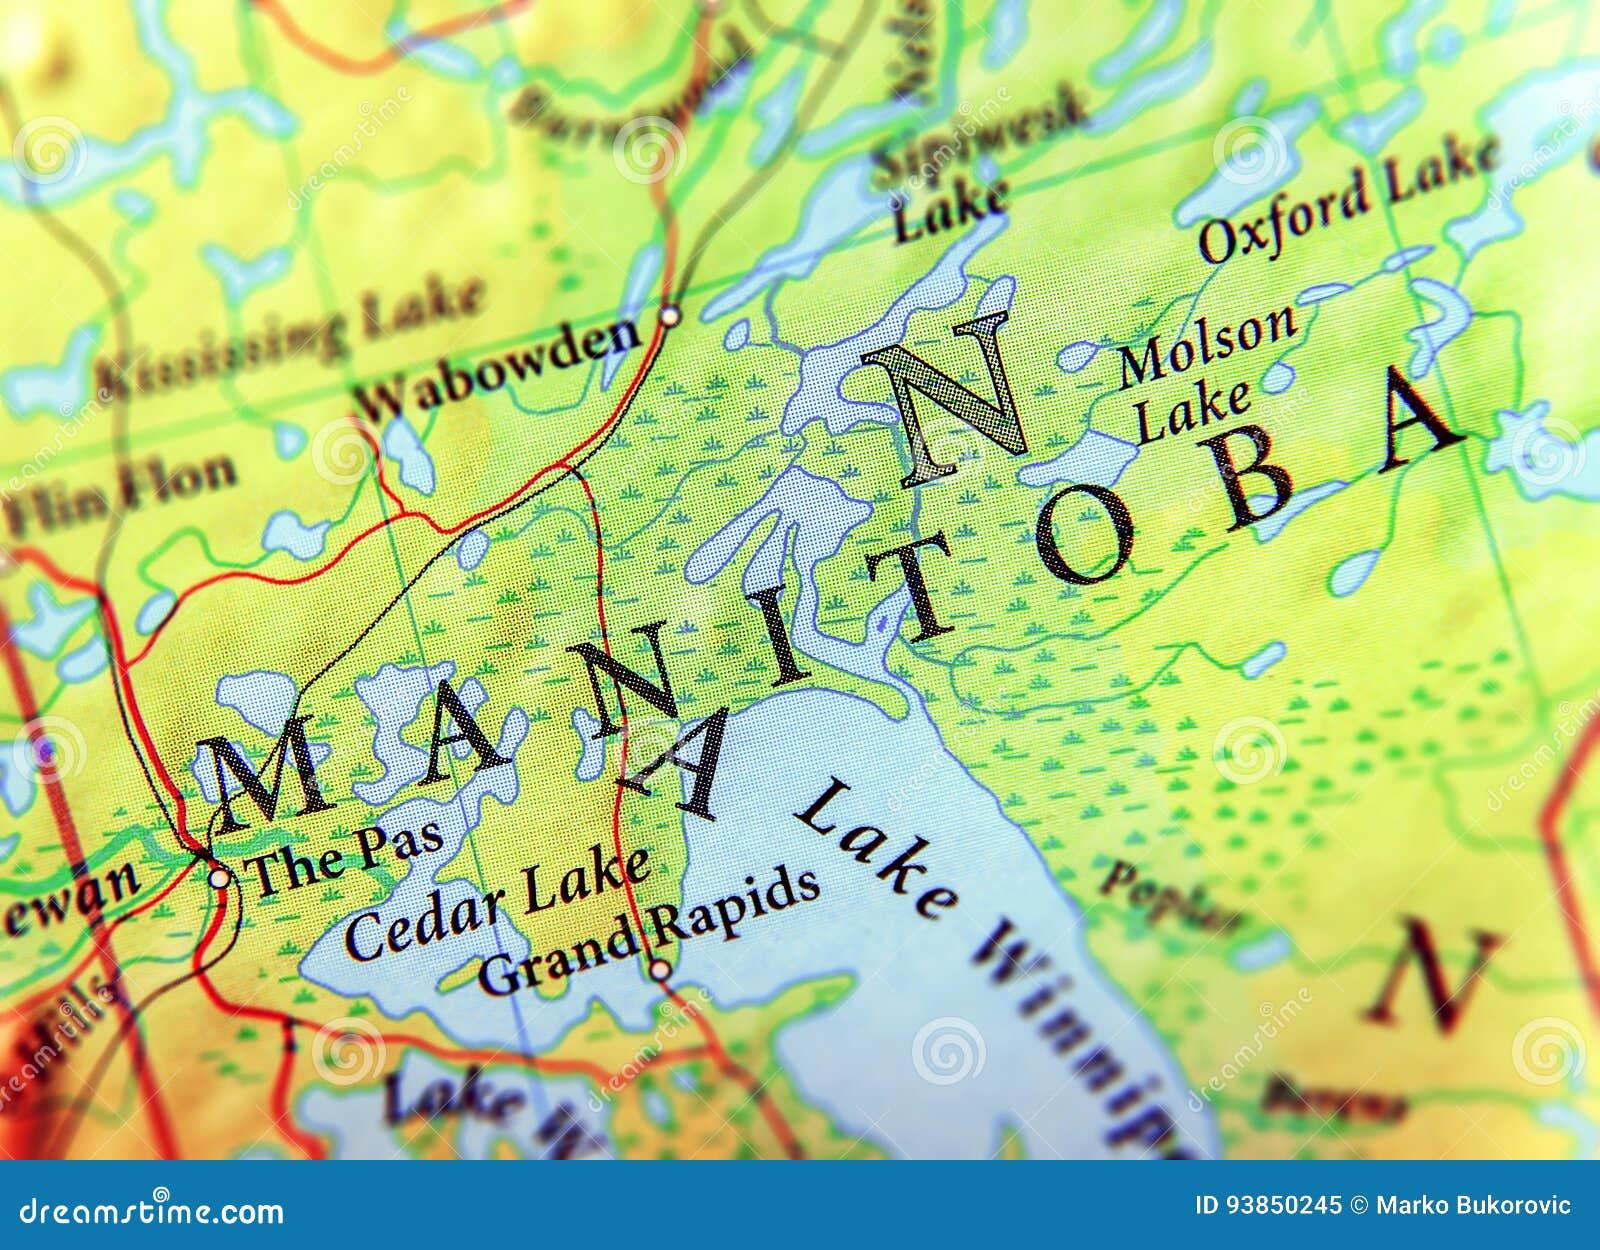 Carte Canada Avec Ville.Carte Geographique D Etat Manitoba De Canada Avec Les Villes